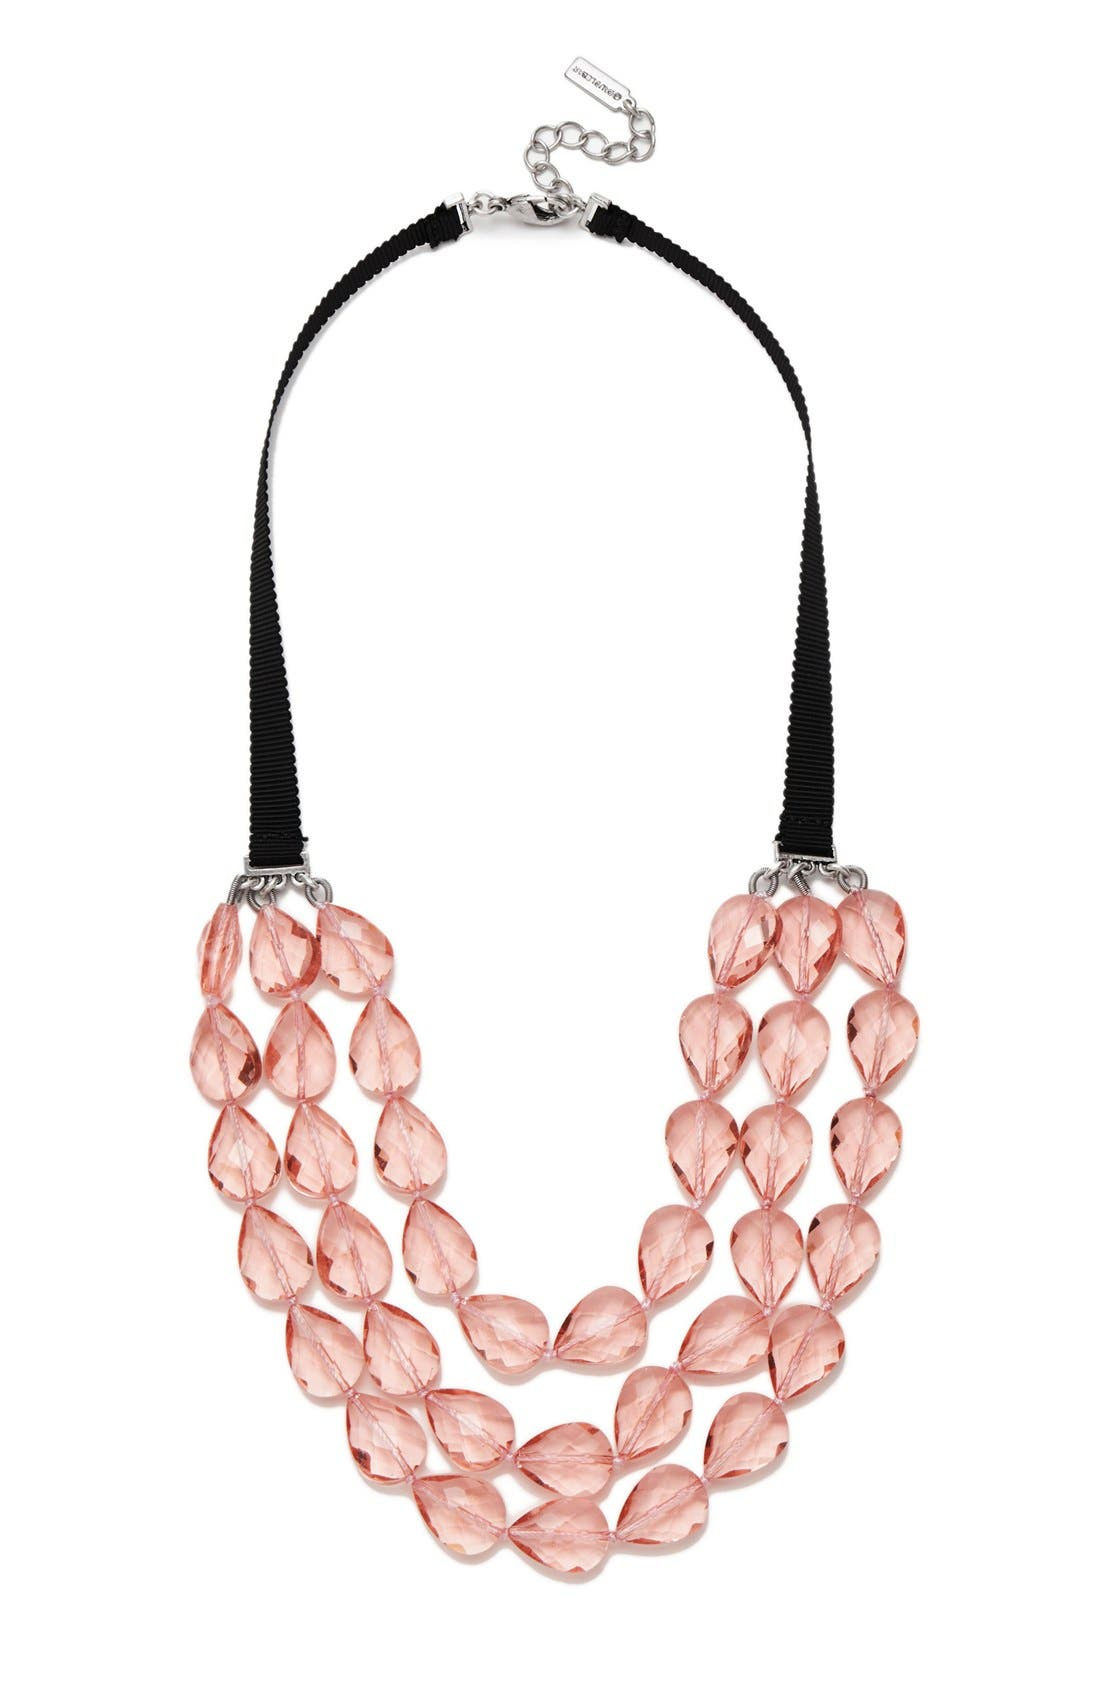 Alternate Image 1 Selected - BaubleBar 'Stassi' Collar Necklace